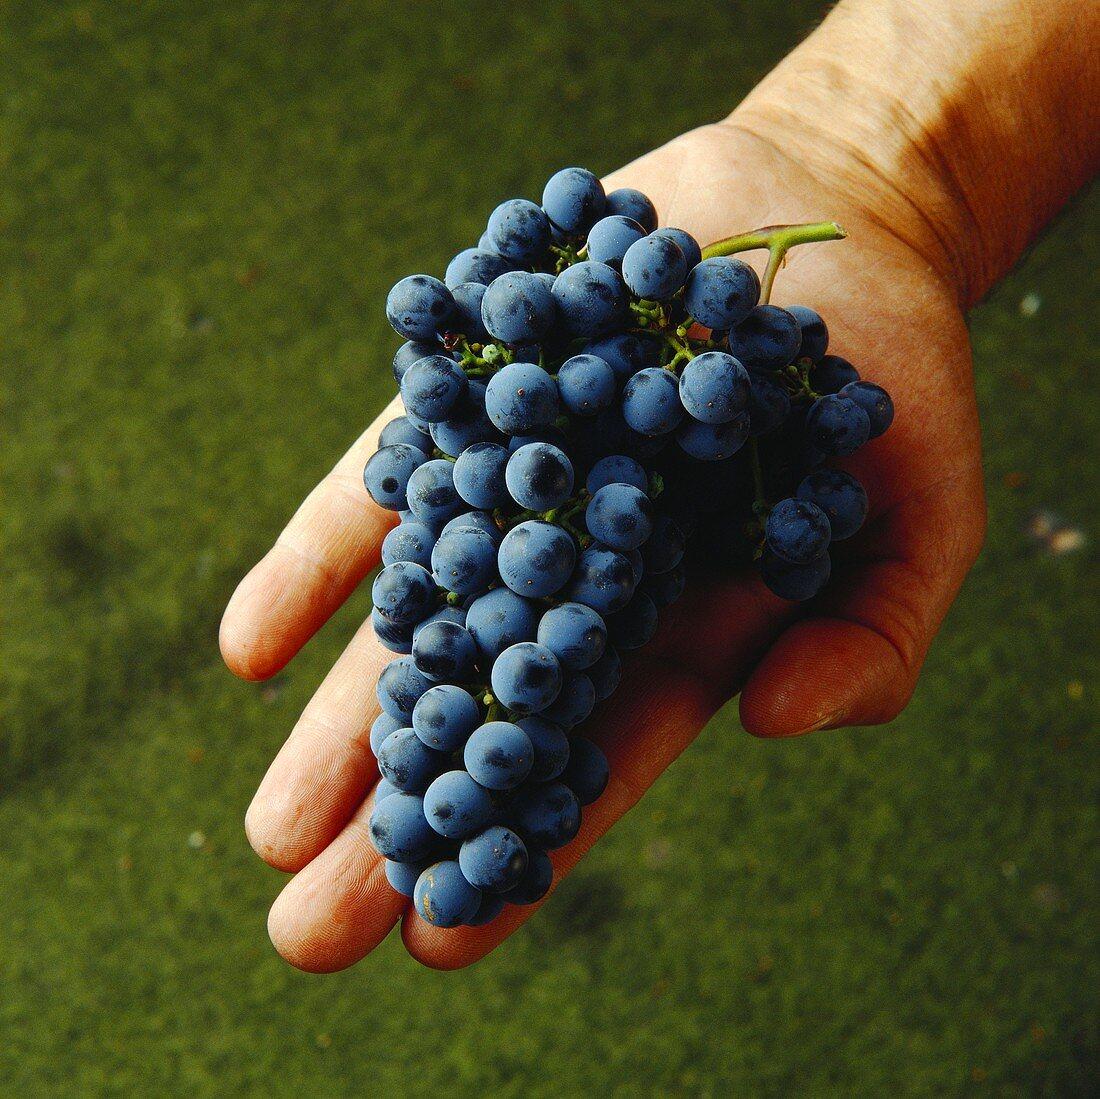 Hand showing fresh Cabernet-Sauvignon grapes, Maipo, Chile